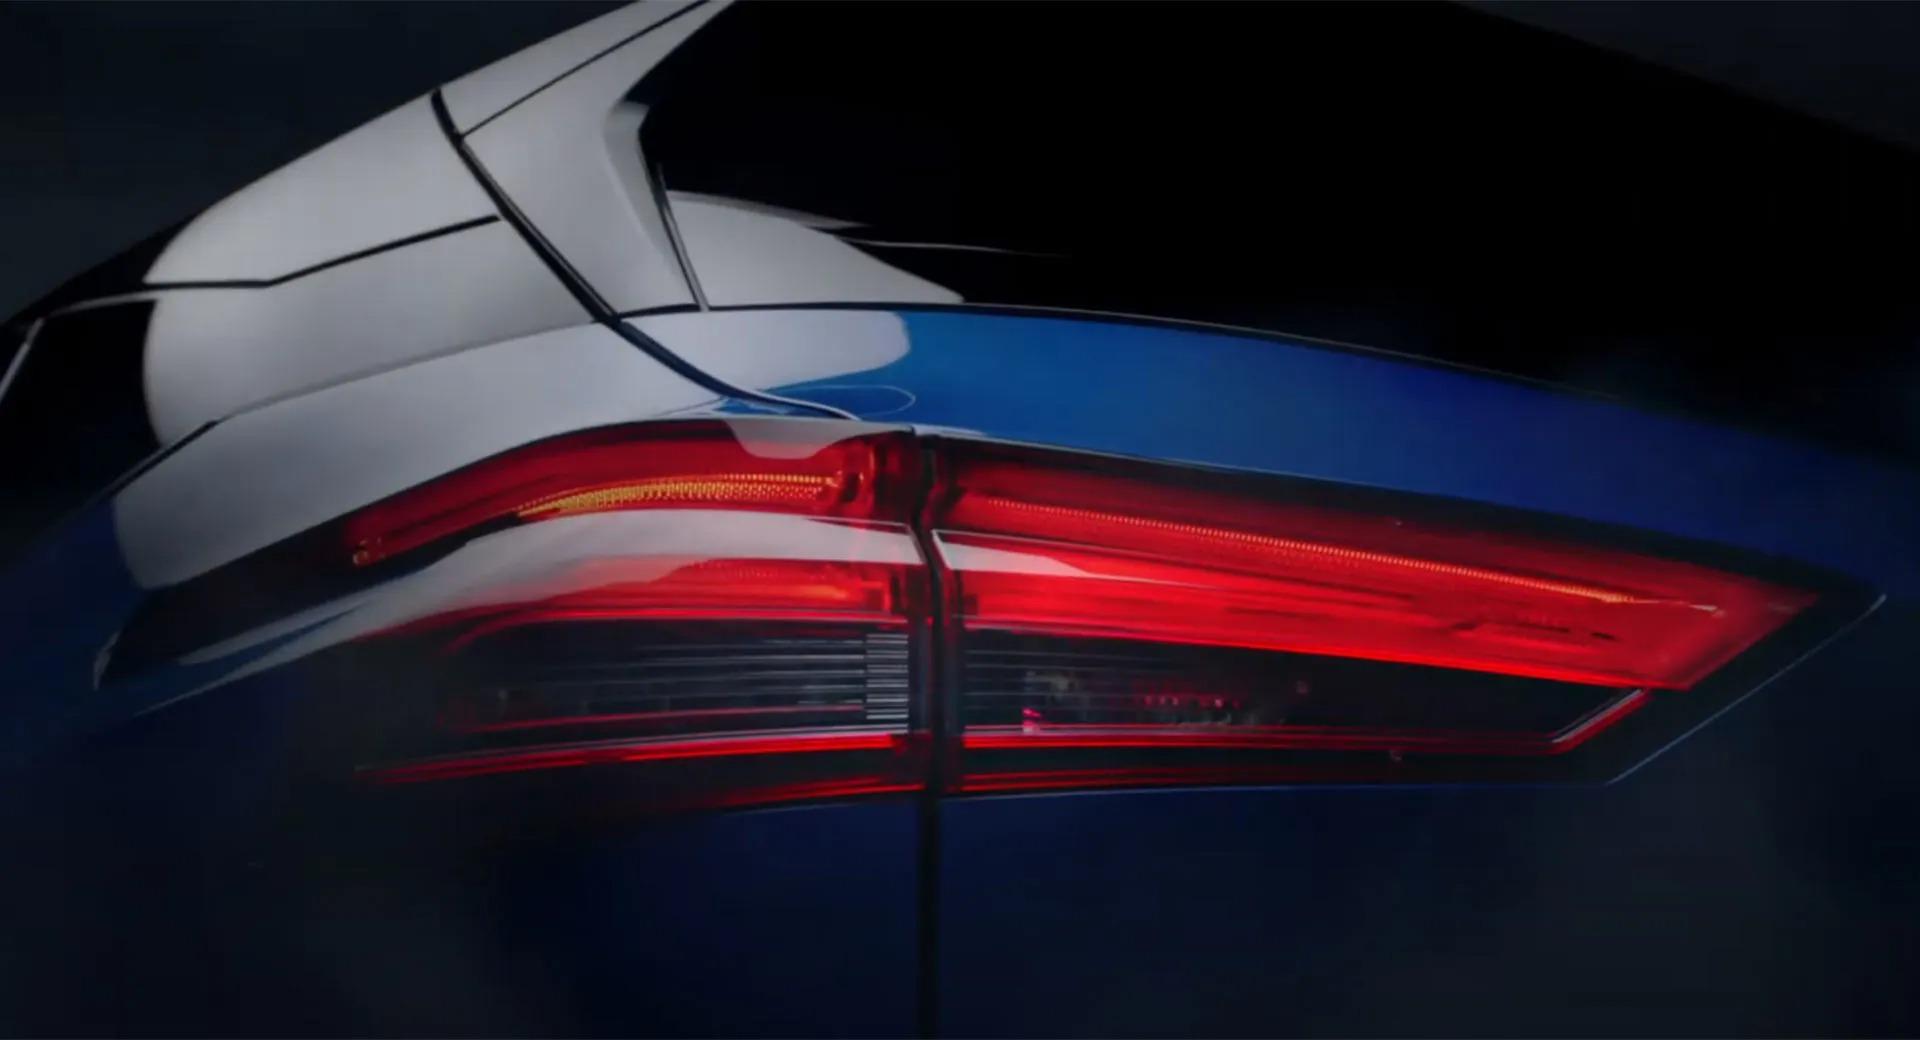 Nuova Nissan Qashqai: prima immagine